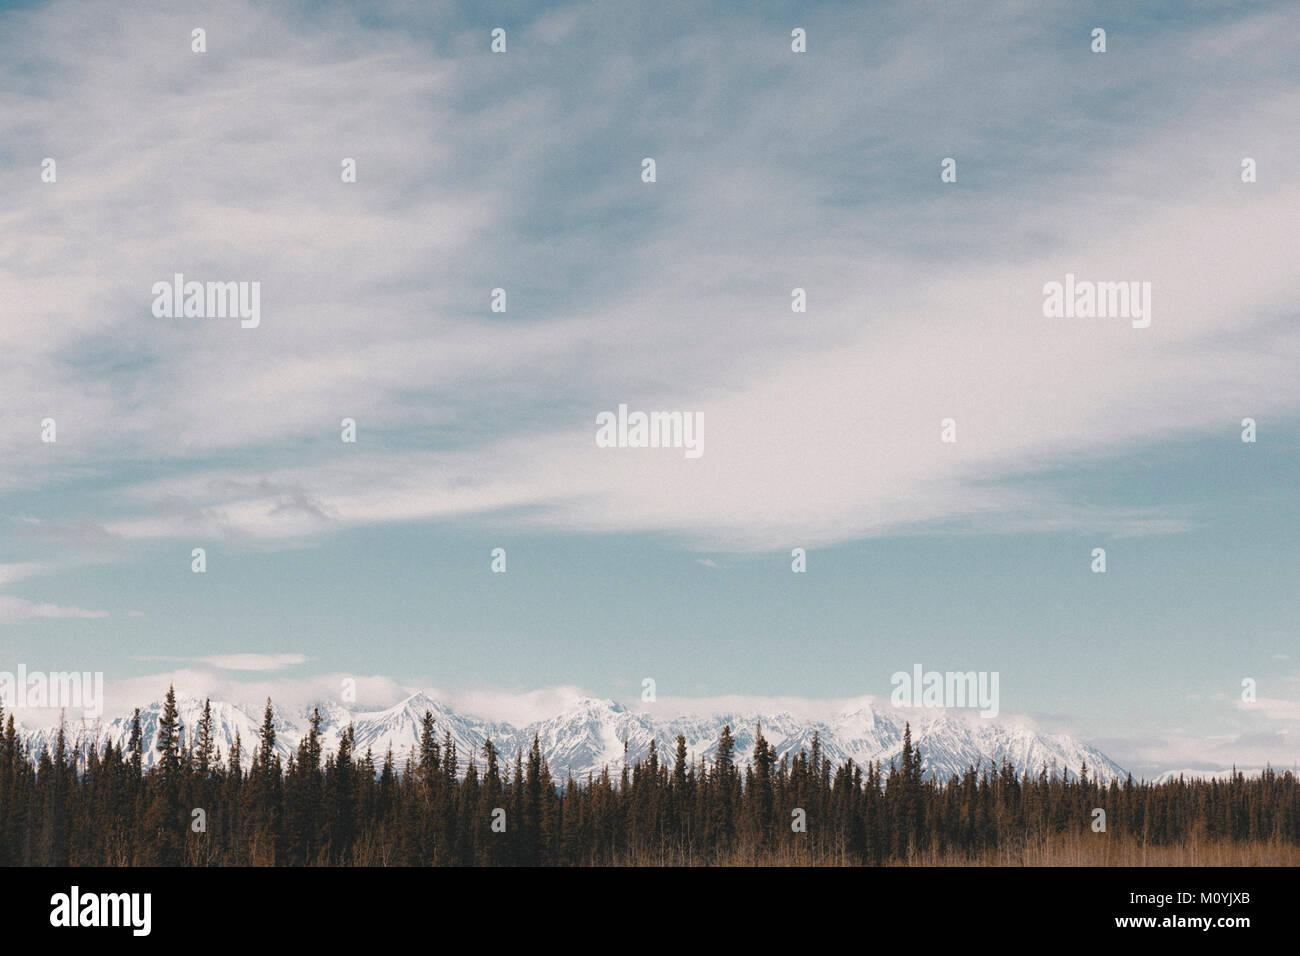 Les arbres à proximité de snowy mountain range Banque D'Images